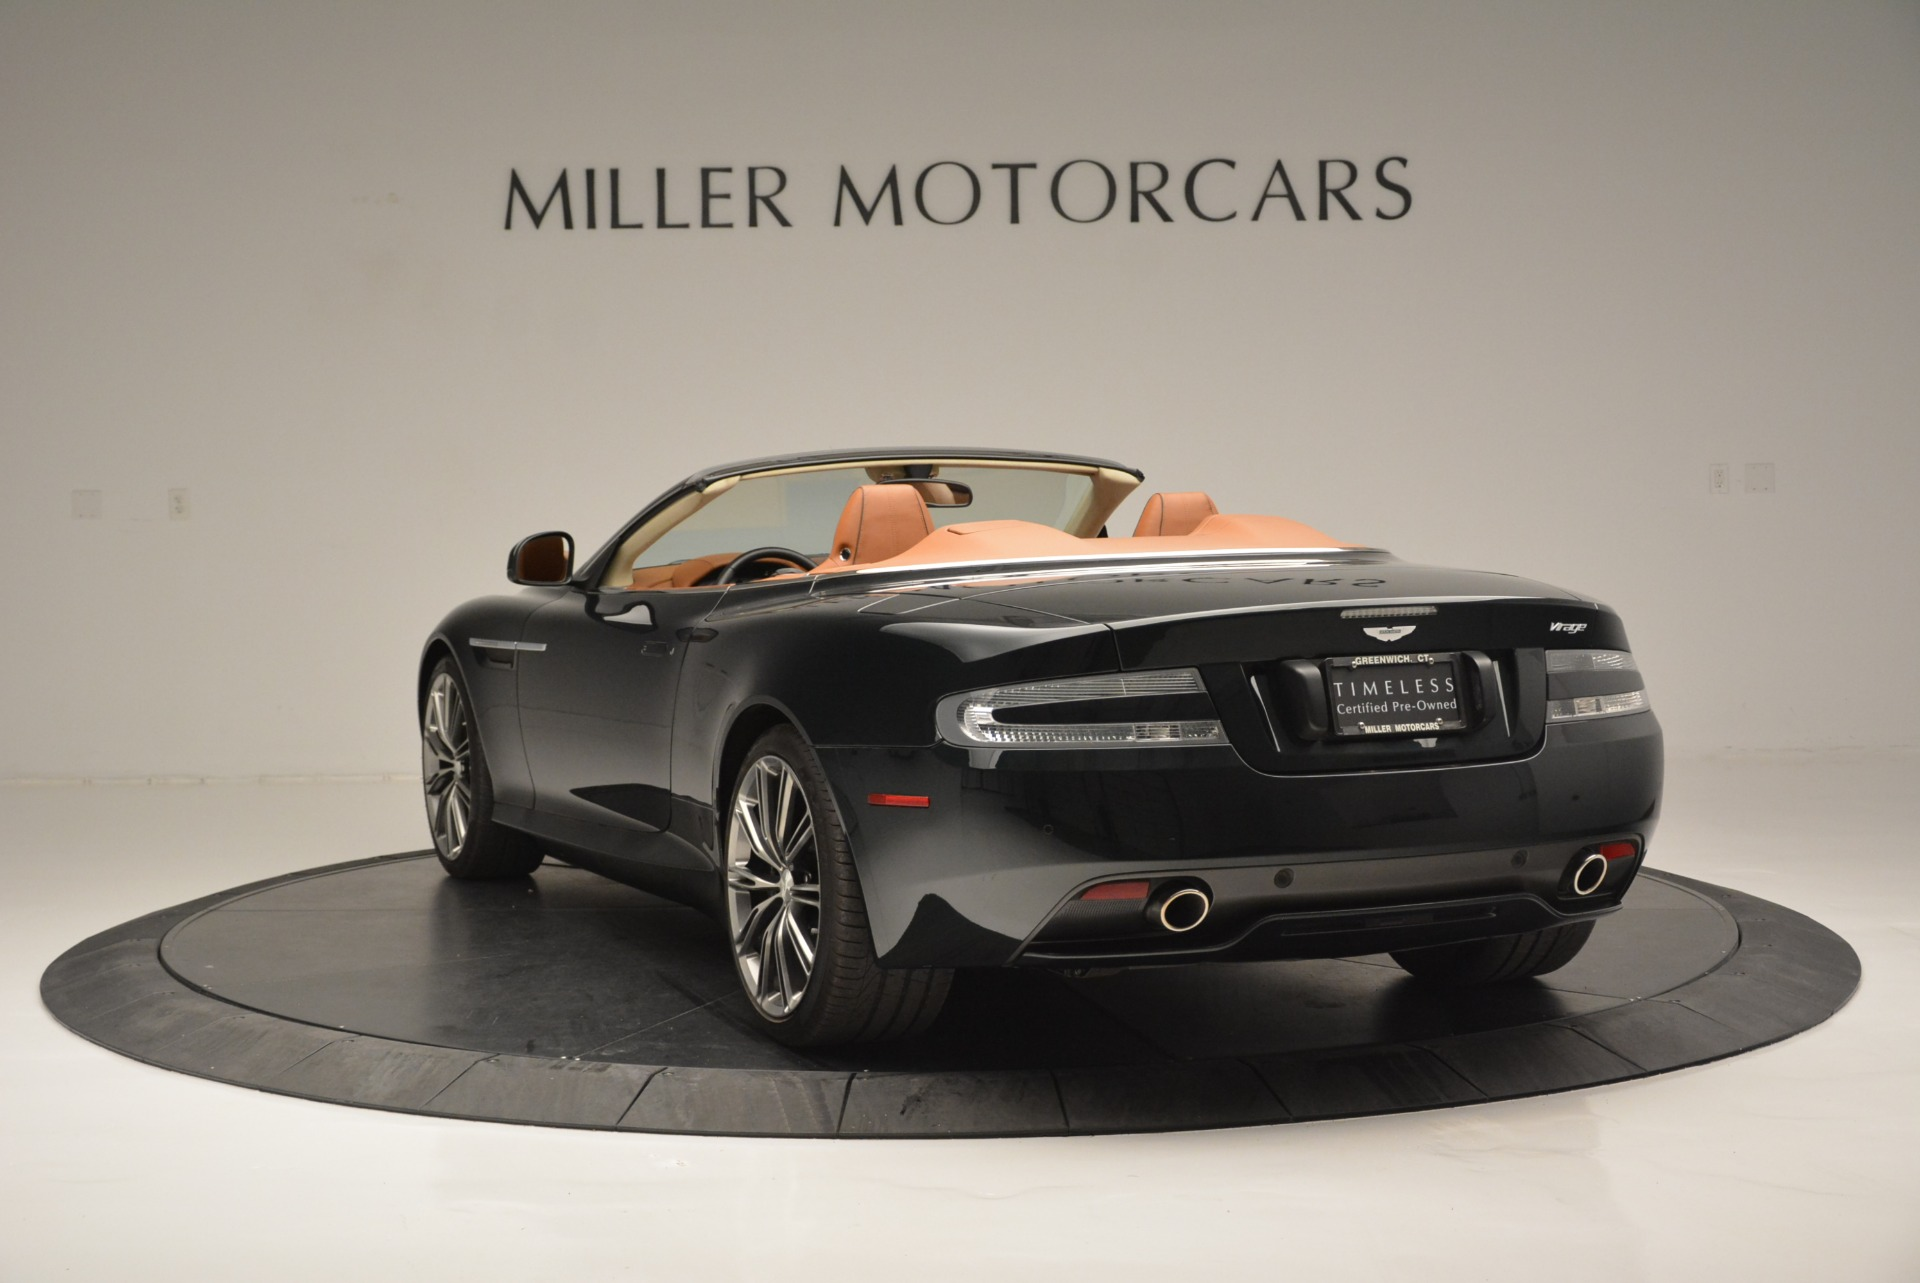 Used 2012 Aston Martin Virage Volante For Sale In Greenwich, CT 2508_p5